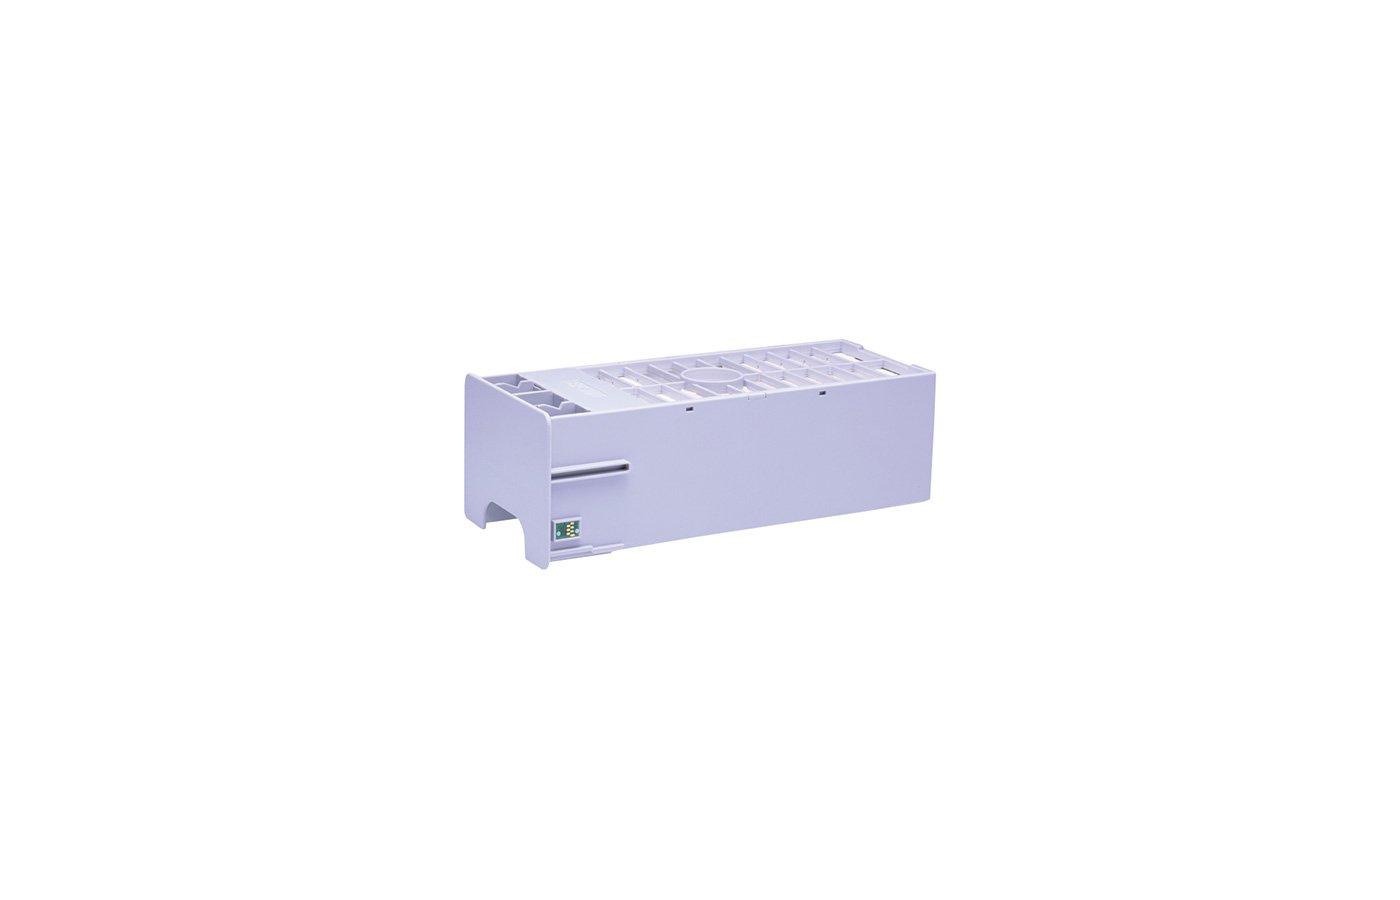 Картридж струйный Epson C12C890191 Maintenance tank для Stylu Pro 7600/9600 емкость для отработанных чернил